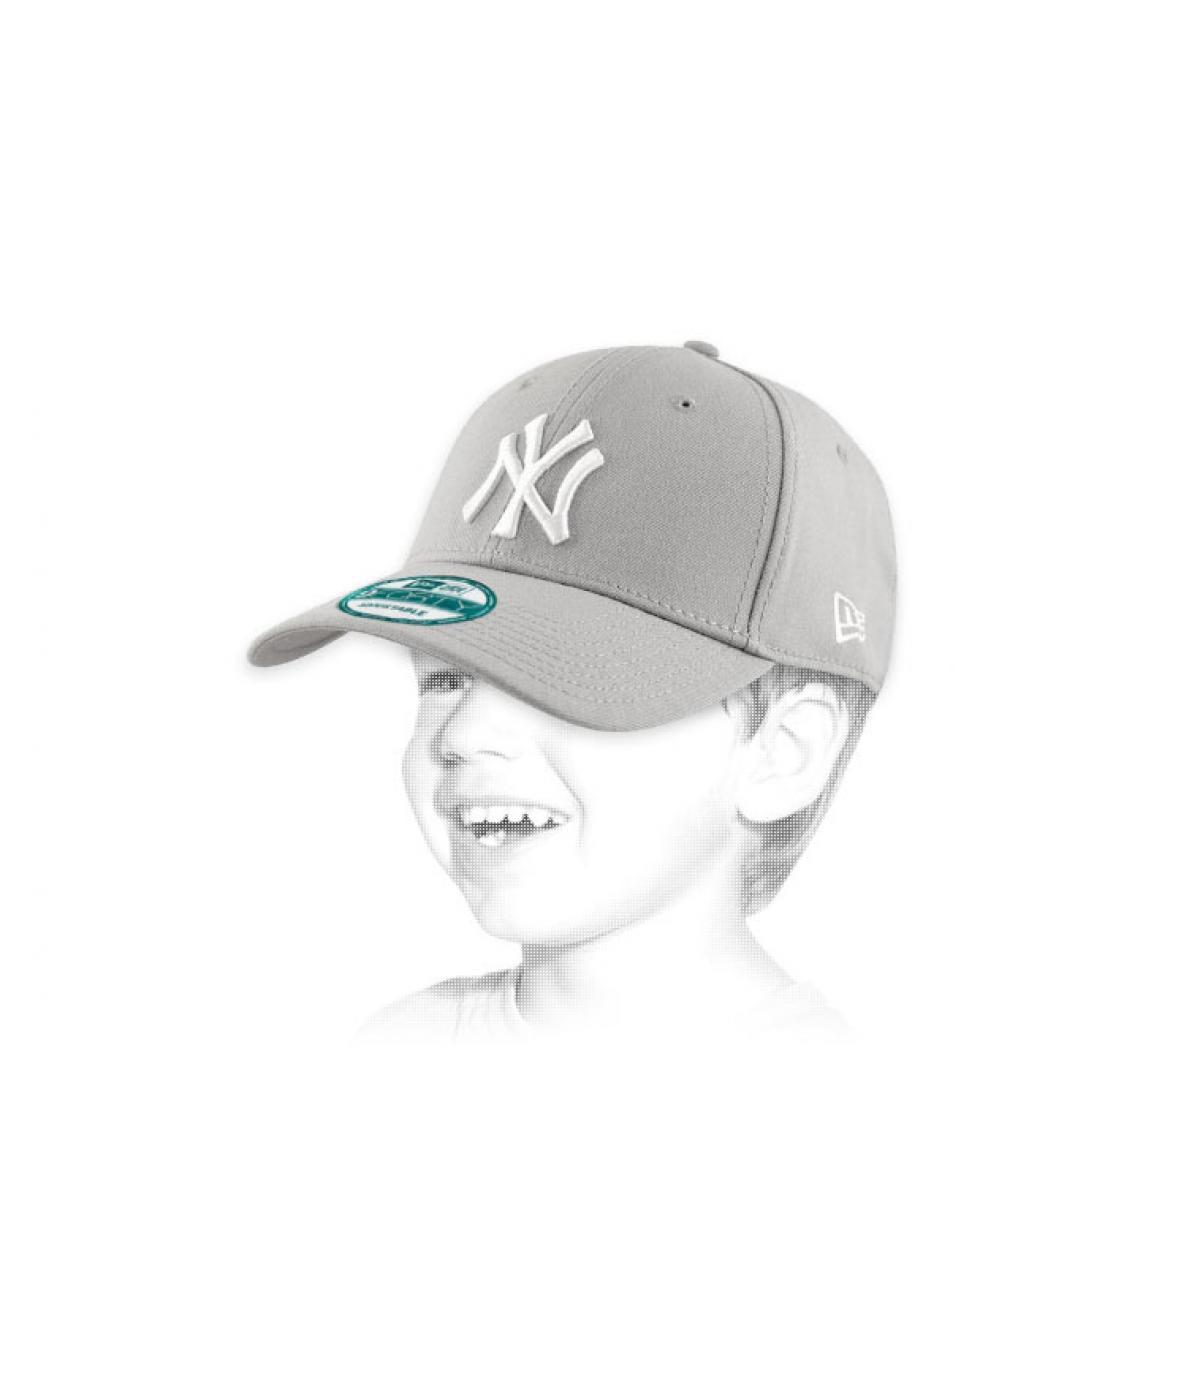 Détails Casquette NY 9forty grise enfant - image 2